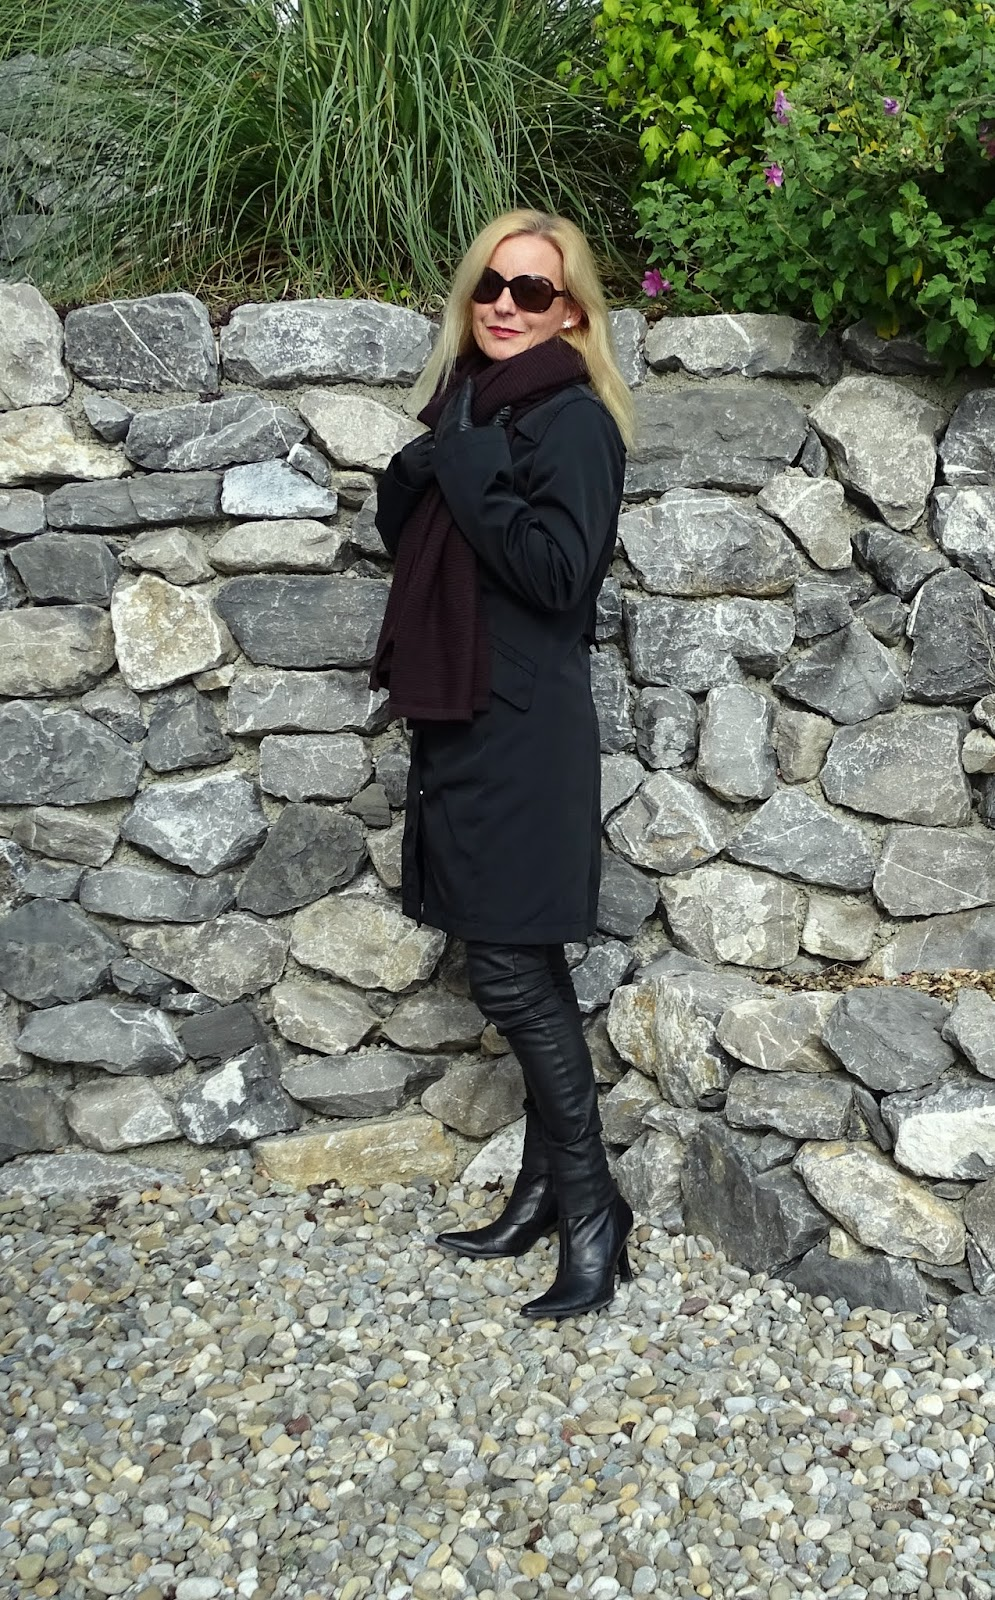 Schwarzer mantel ohne kragen